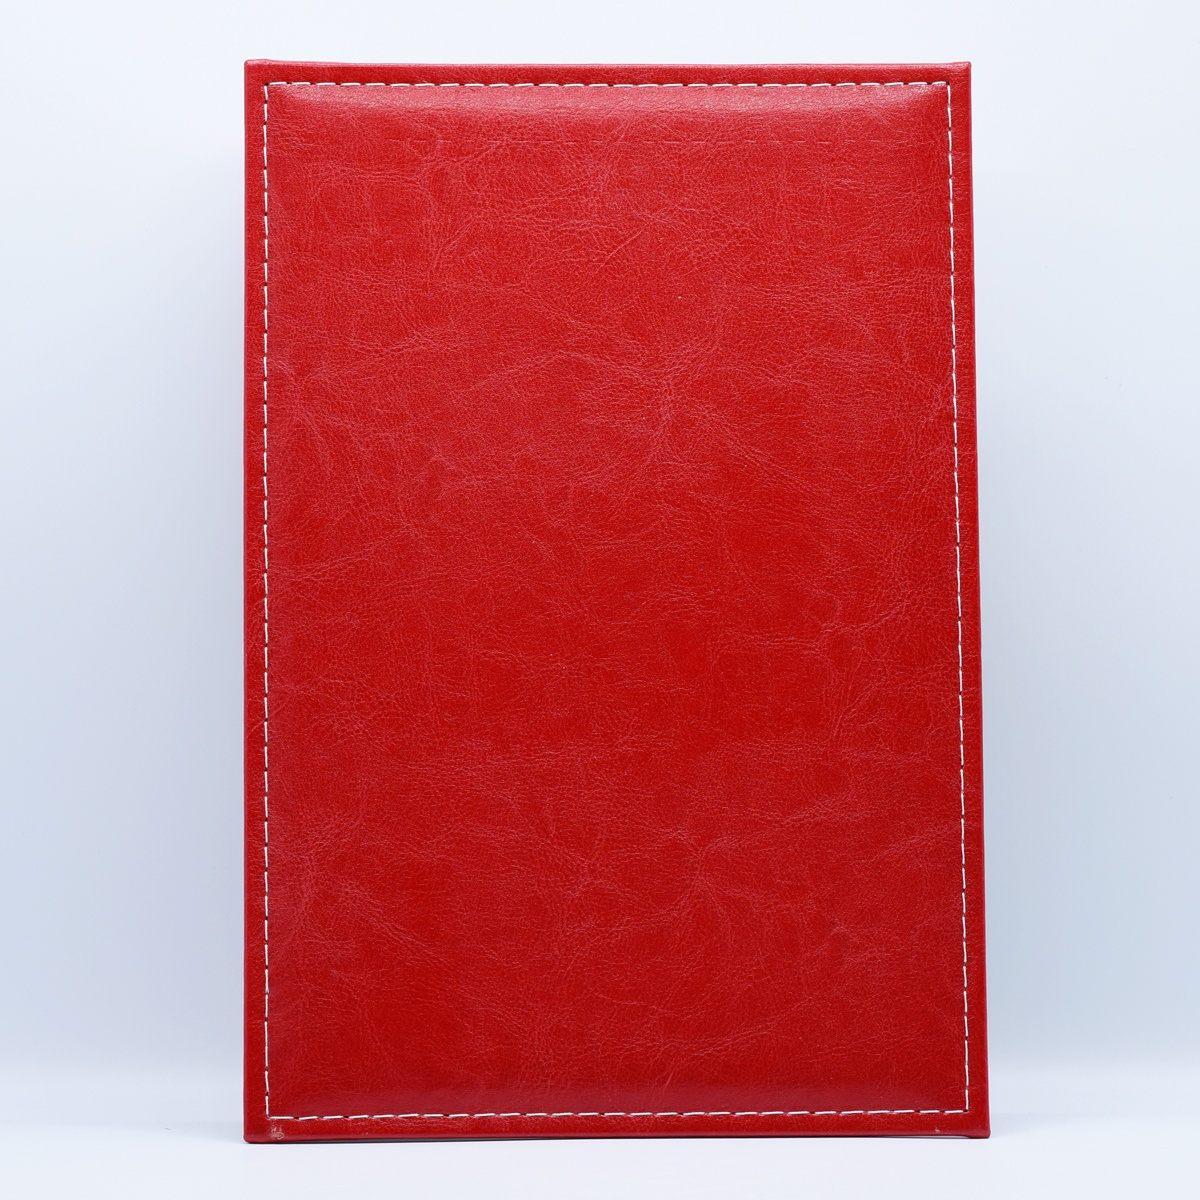 Coperta rosie cusatura